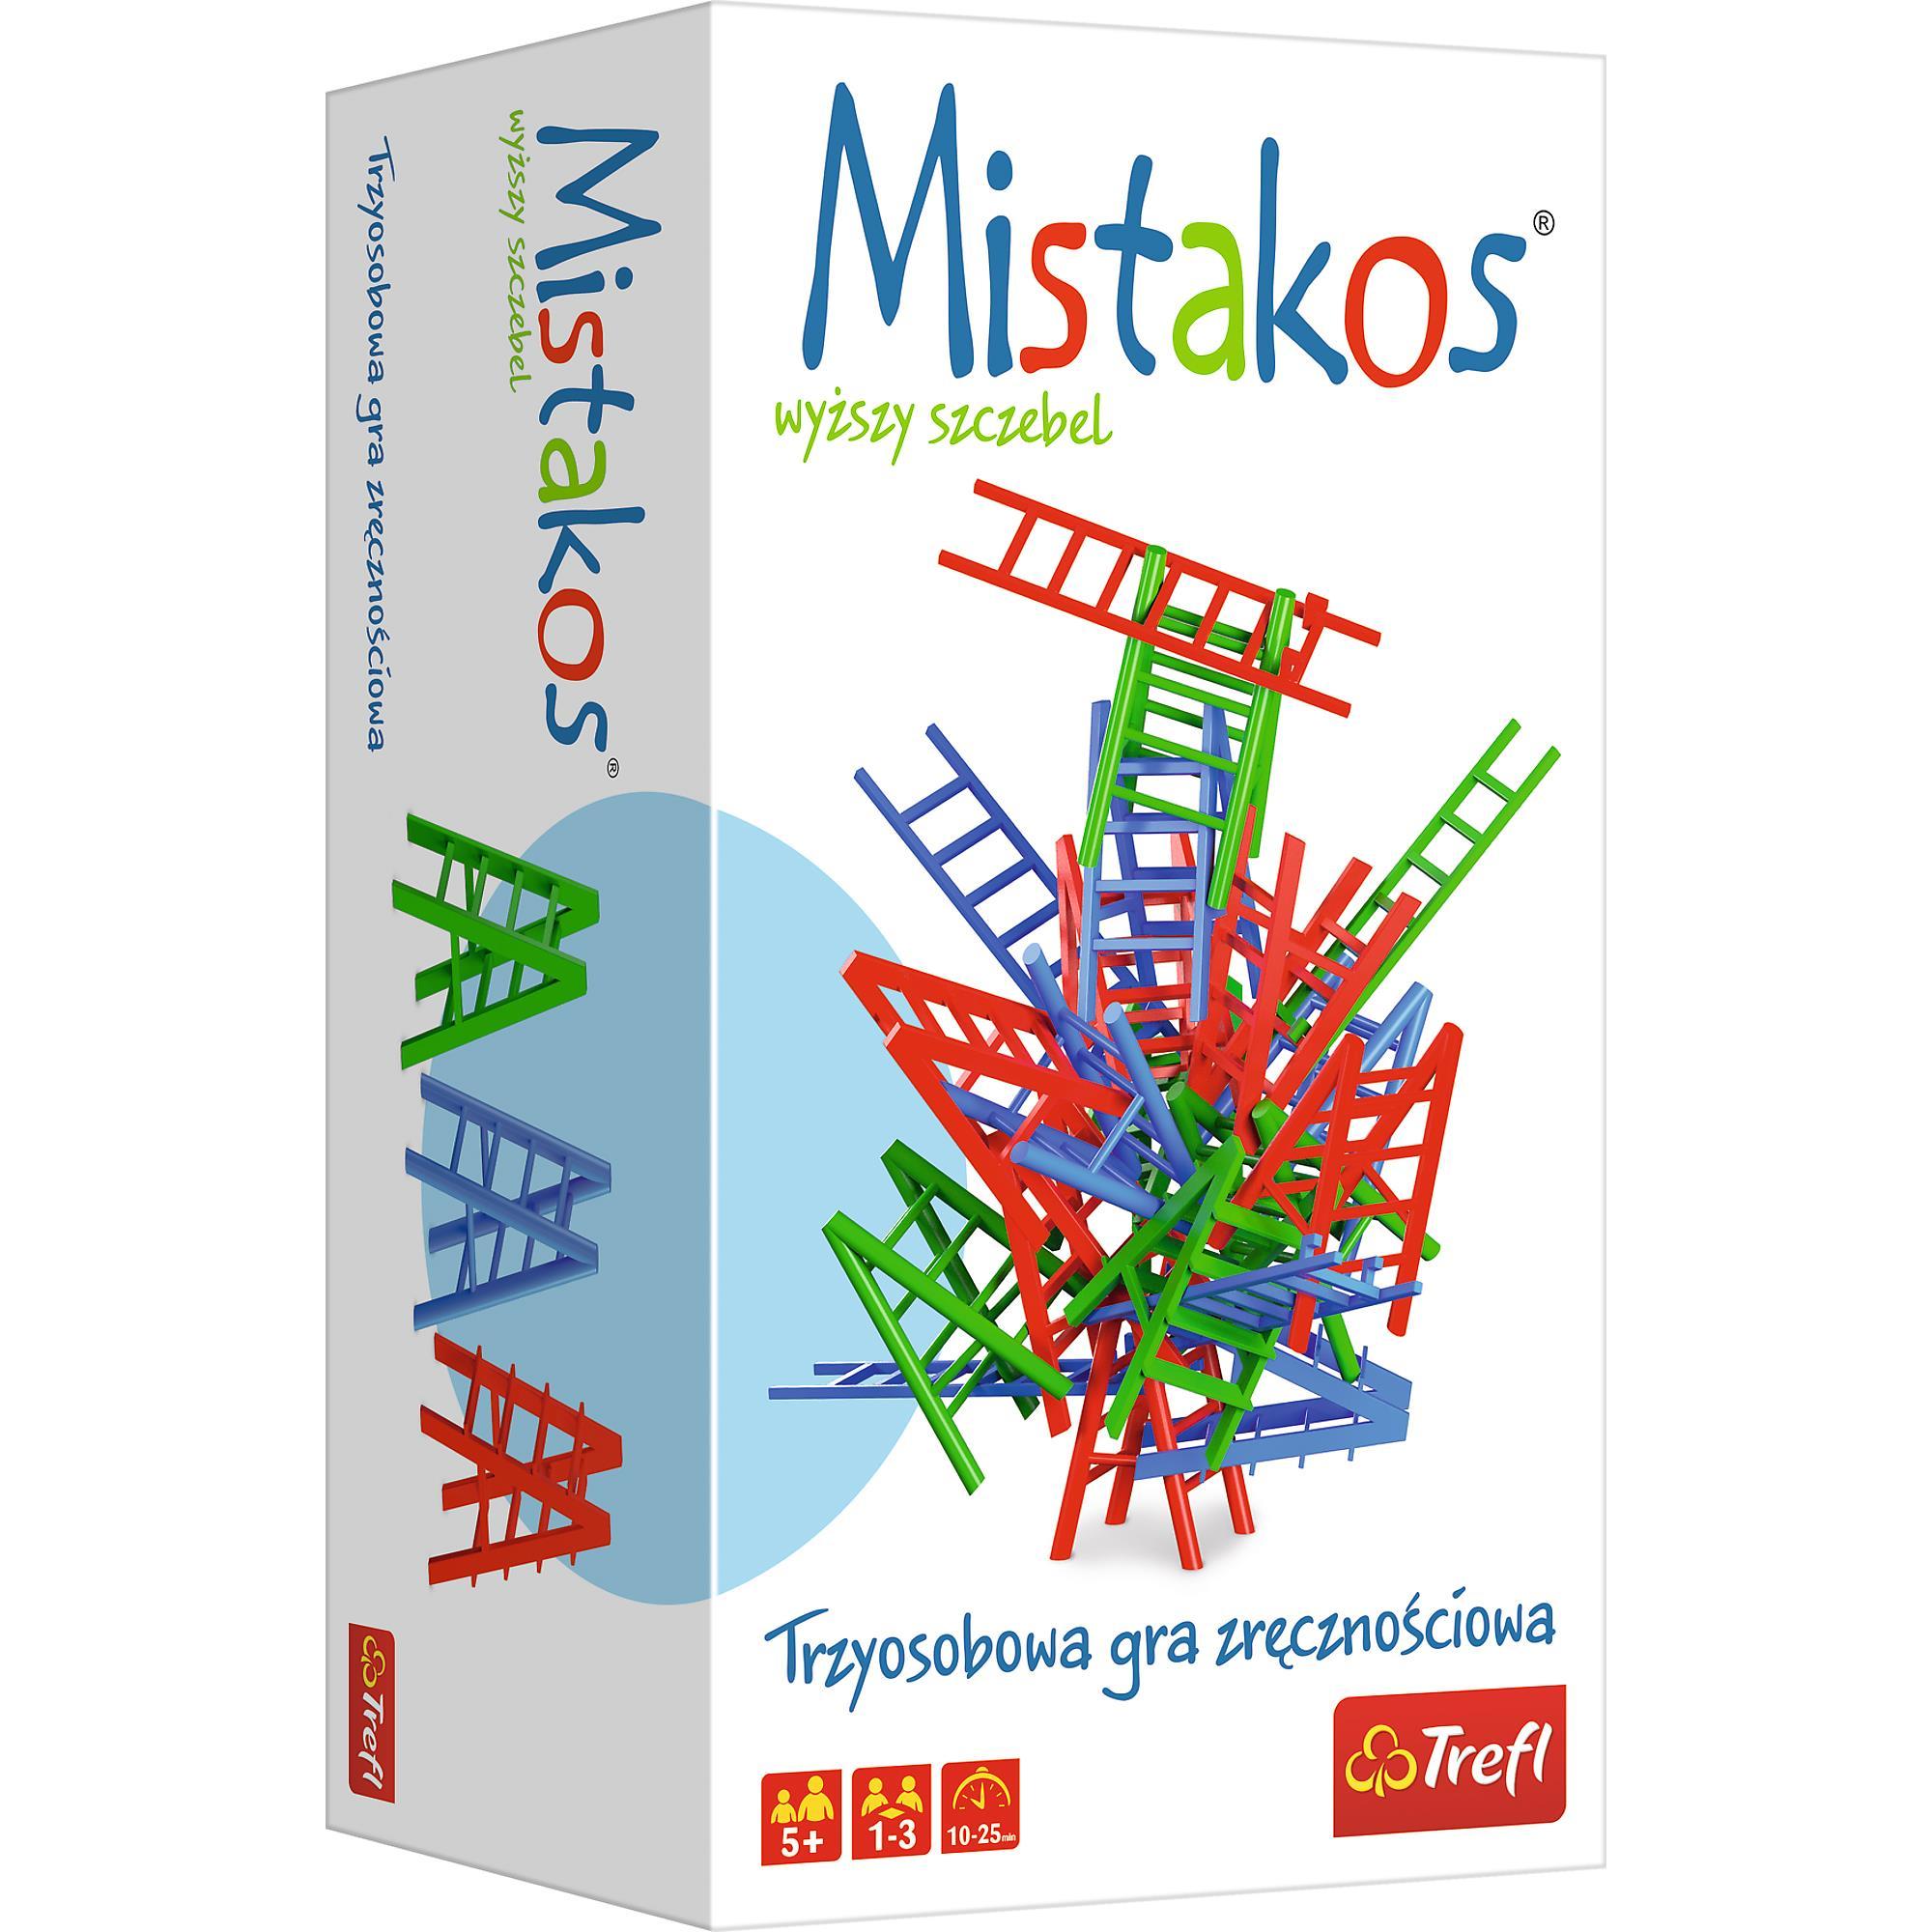 Mistakos Drabiny - Wyższy Szczebel